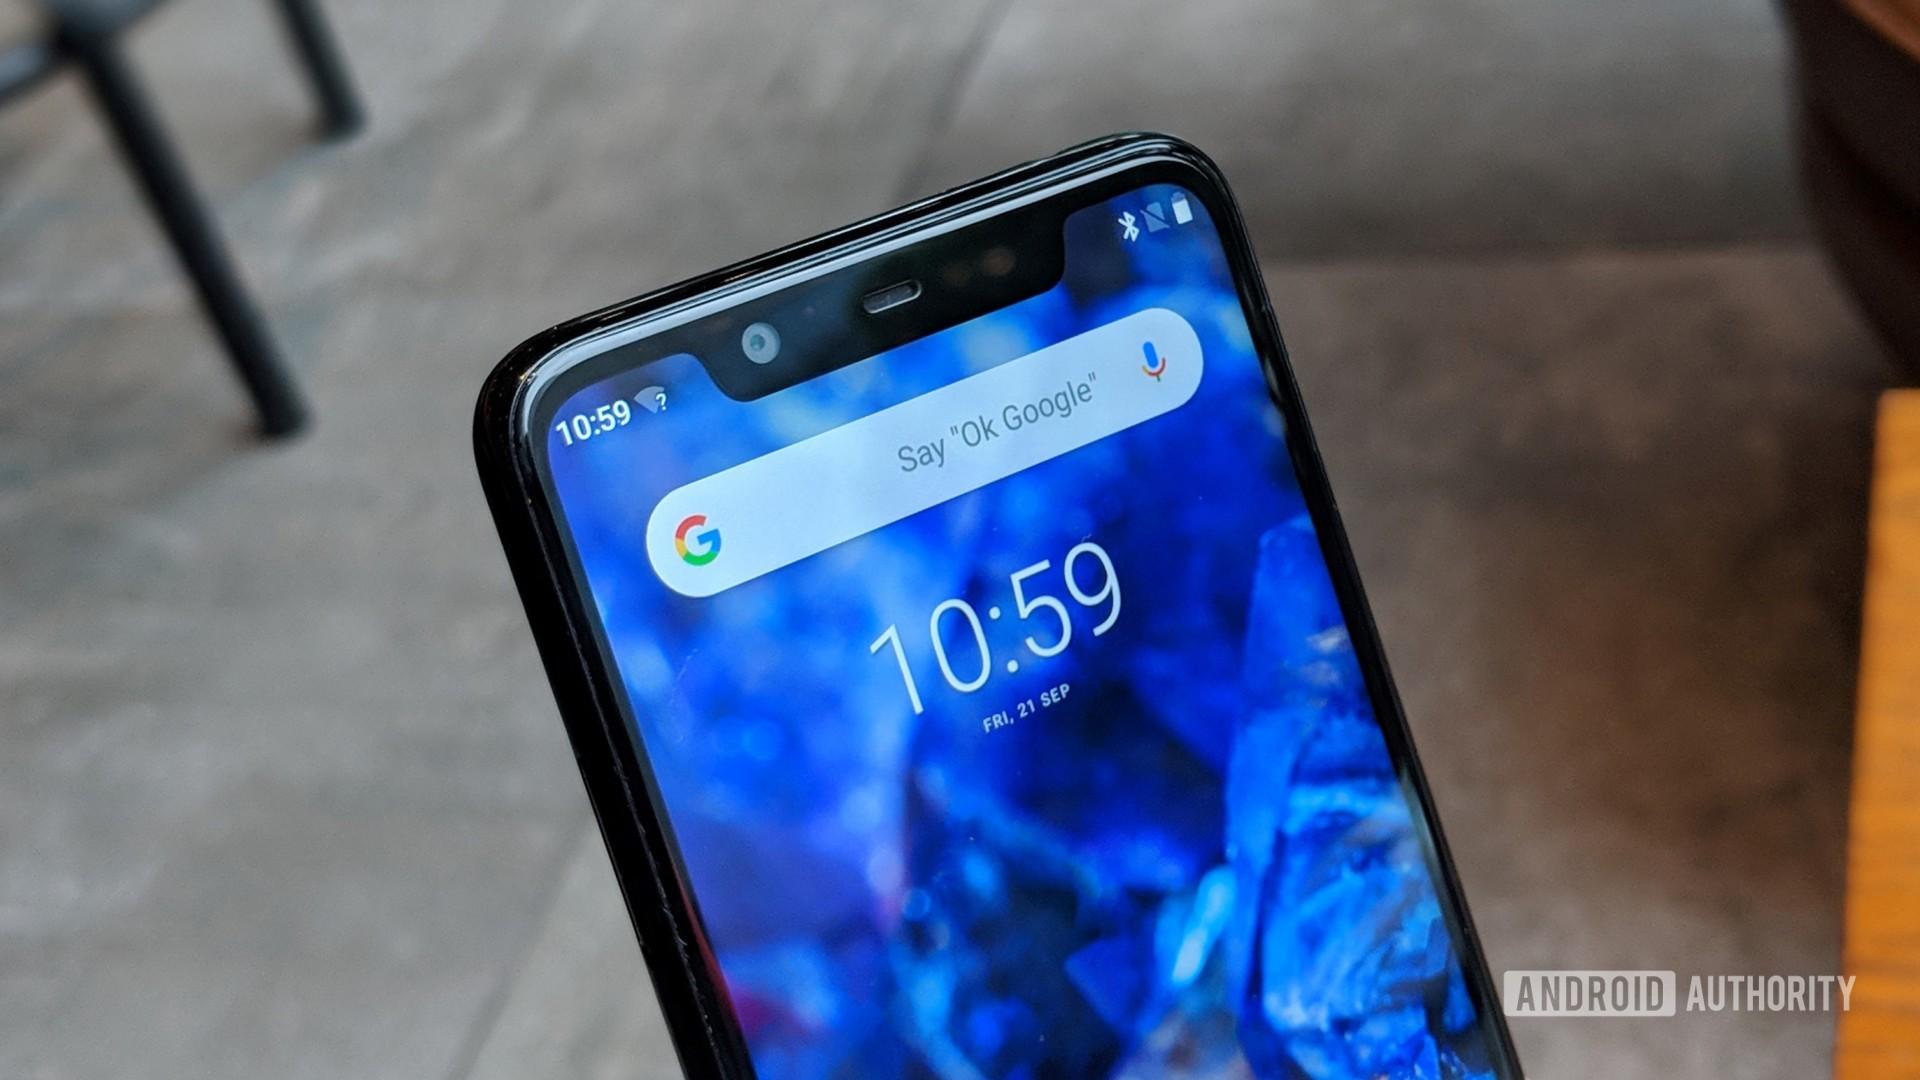 Nokia 5.1 Plus home screen